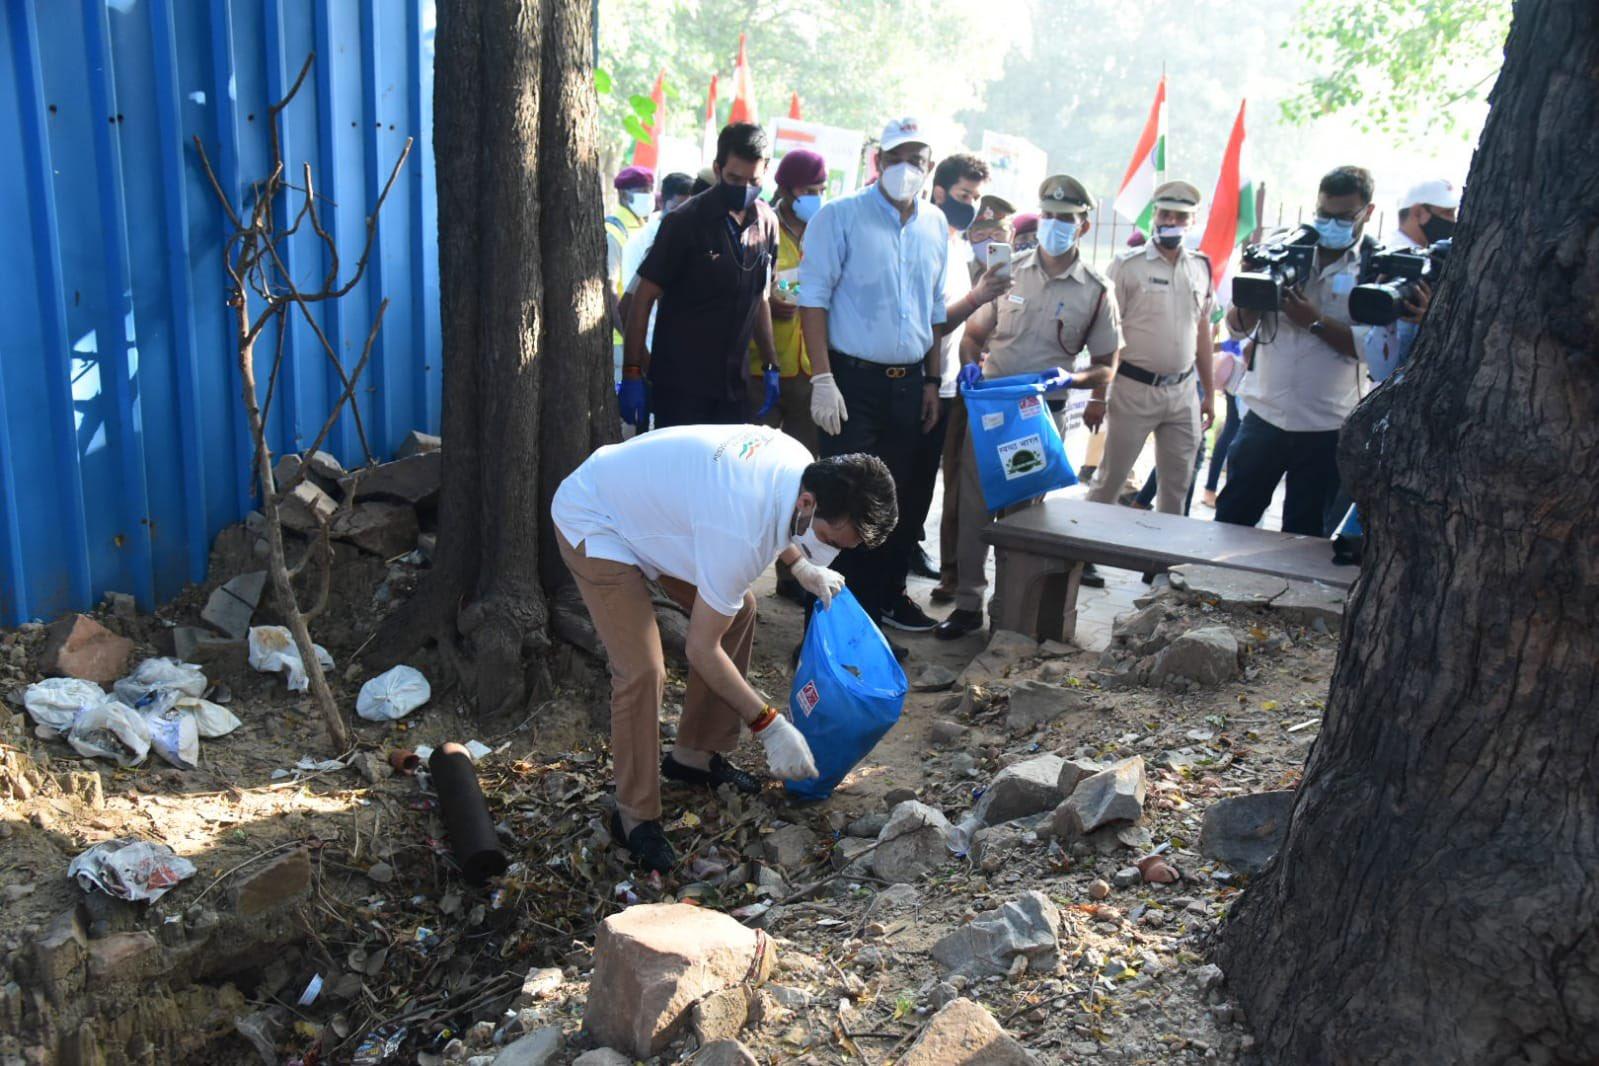 केंद्रीय मंत्री अनुराग ठाकुर ने आज दिल्ली में हुमायूं का मकबरे के परिसर में स्वयंसेवकों के साथ स्वच्छ भारत अभियान में भाग लिया